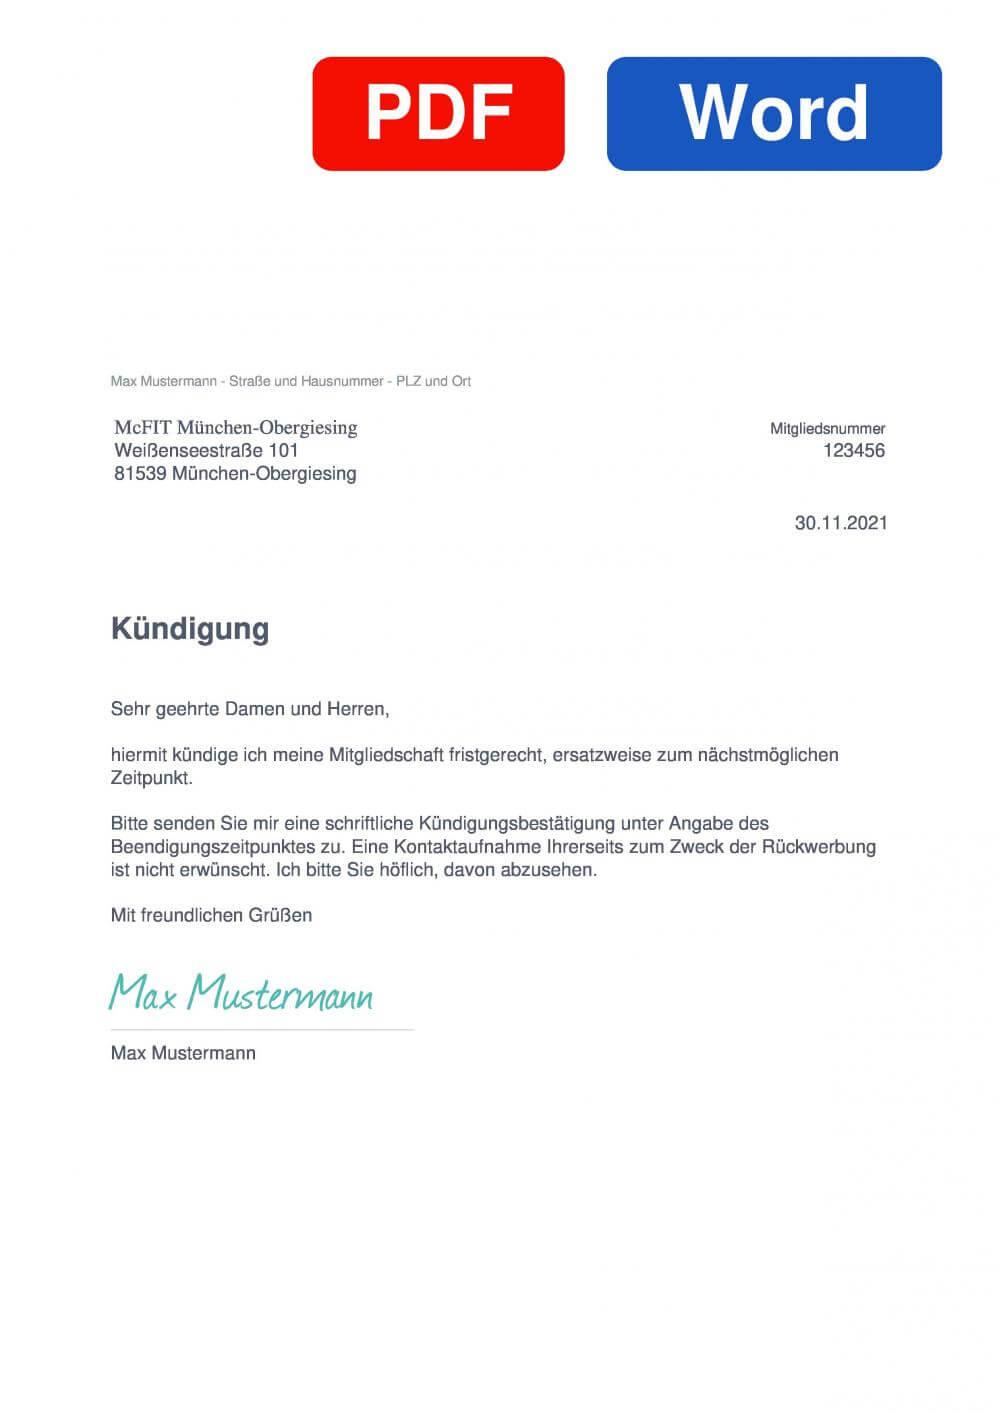 McFIT München-Obergiesing Muster Vorlage für Kündigungsschreiben